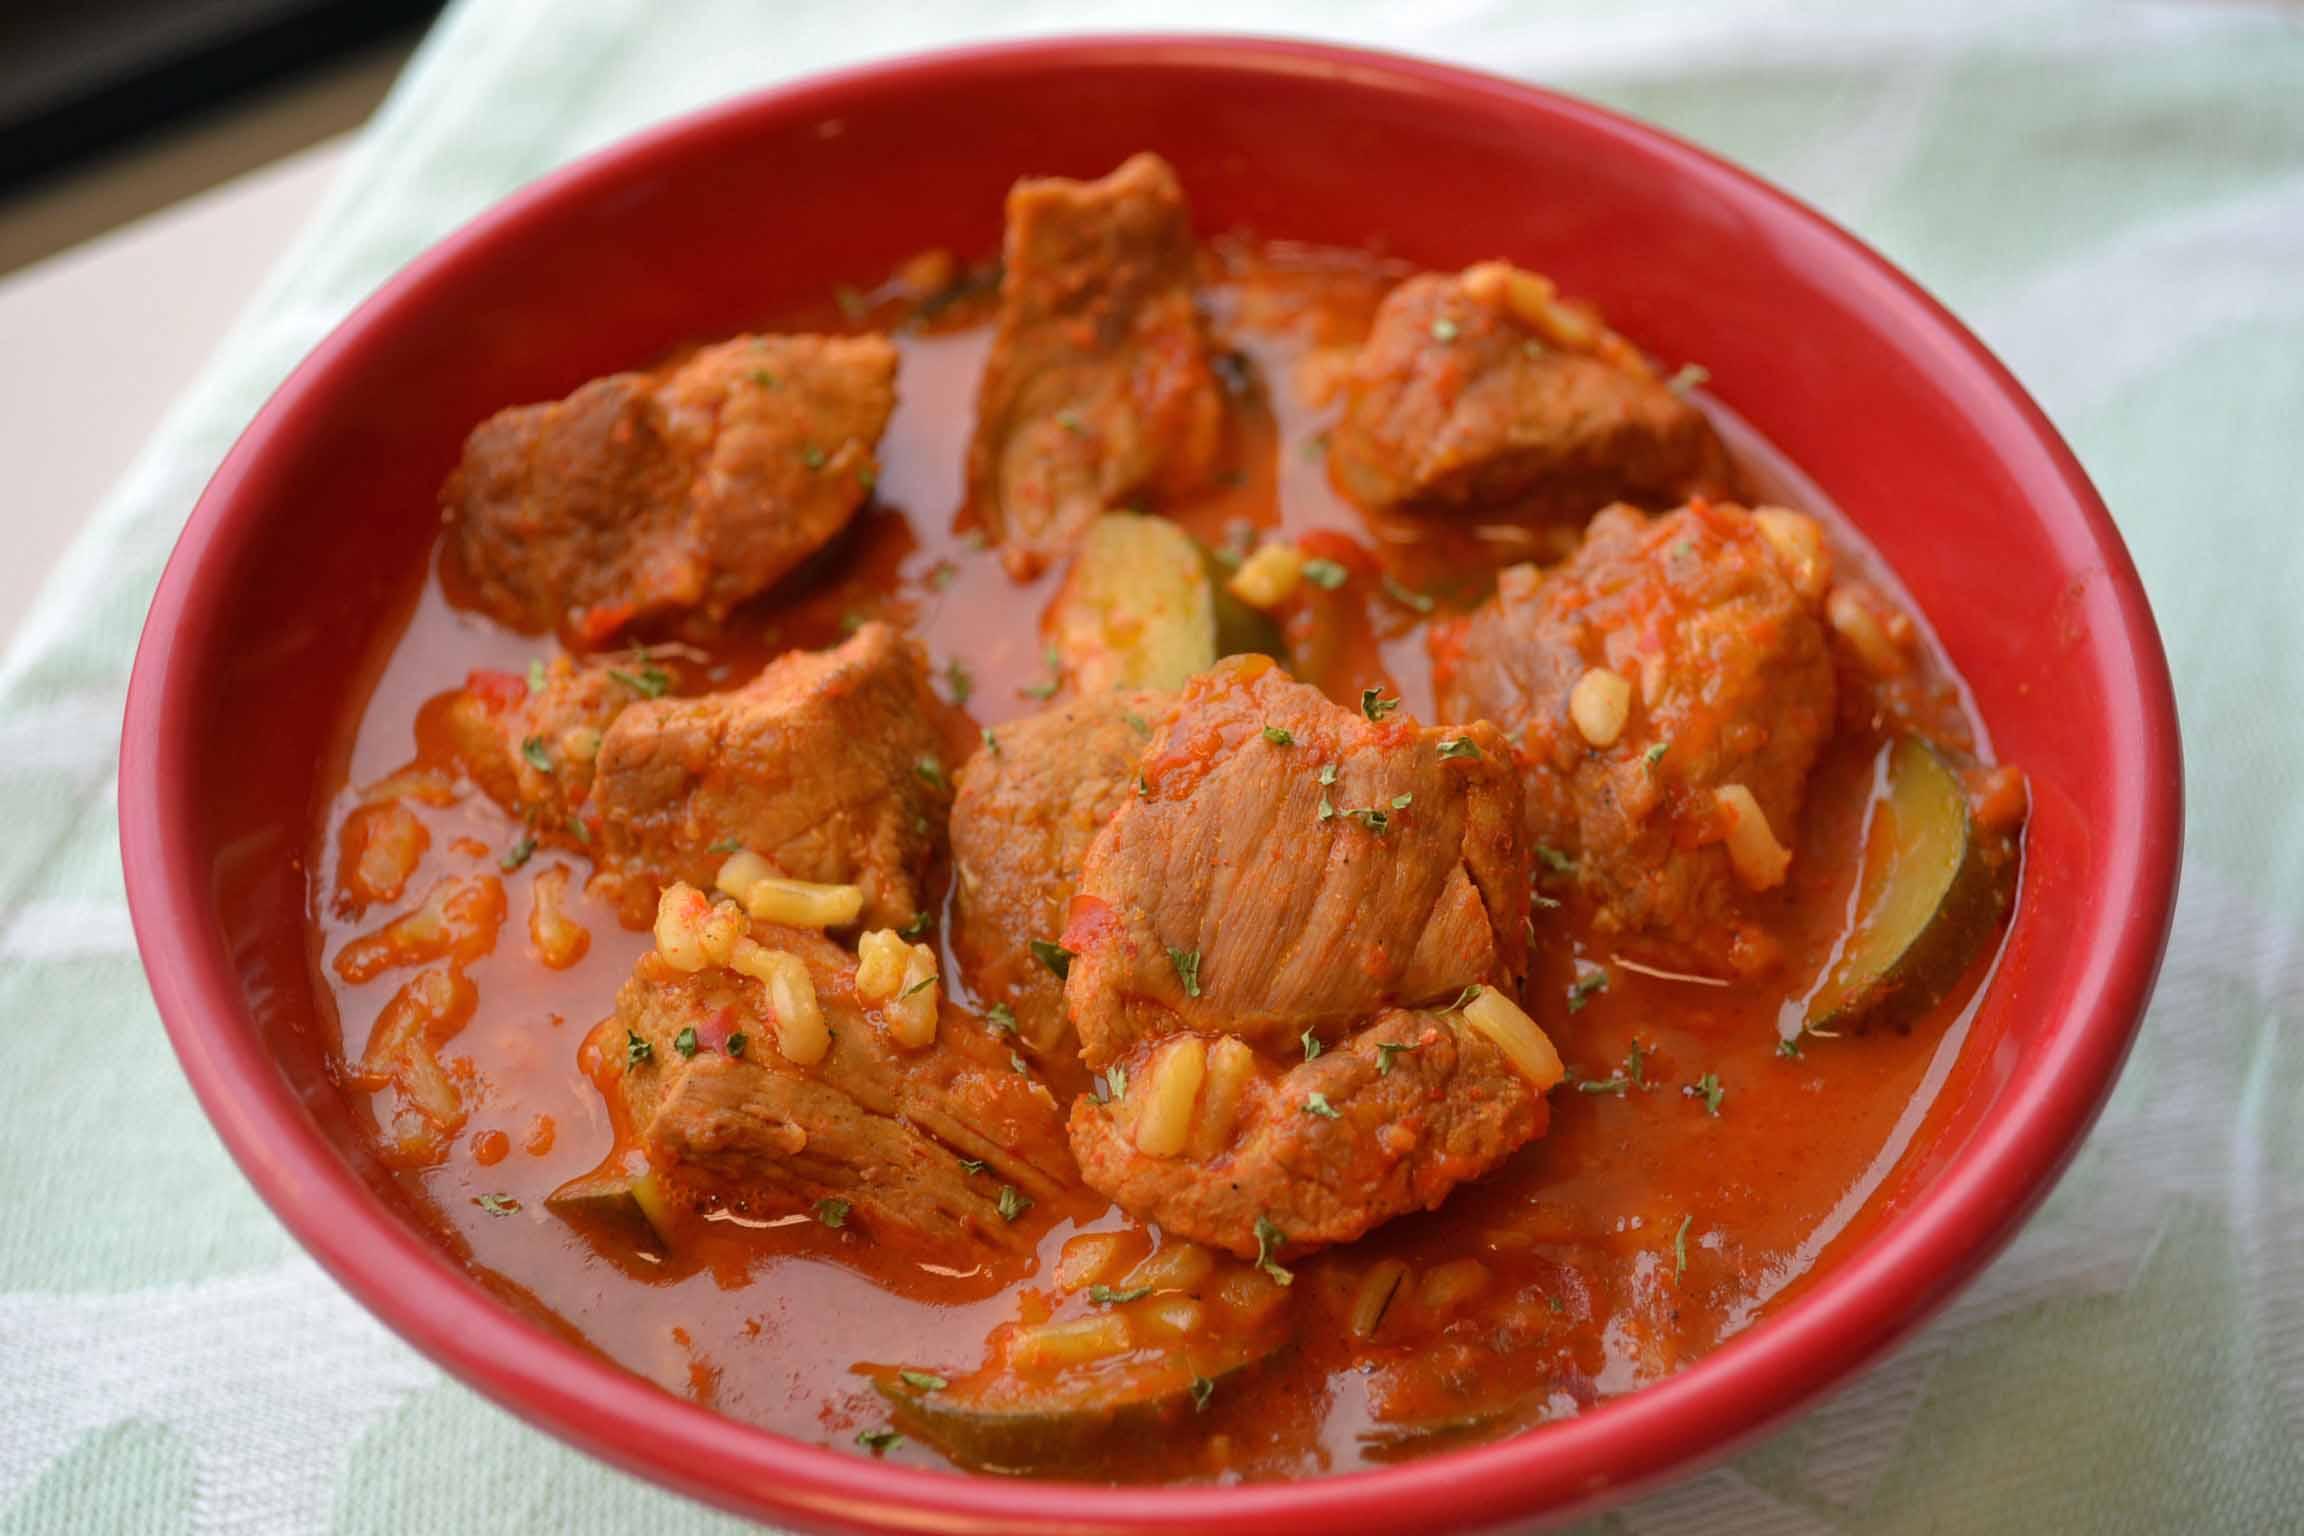 Spicy Pork Stew with Zucchini | My Bizzy Kitchen